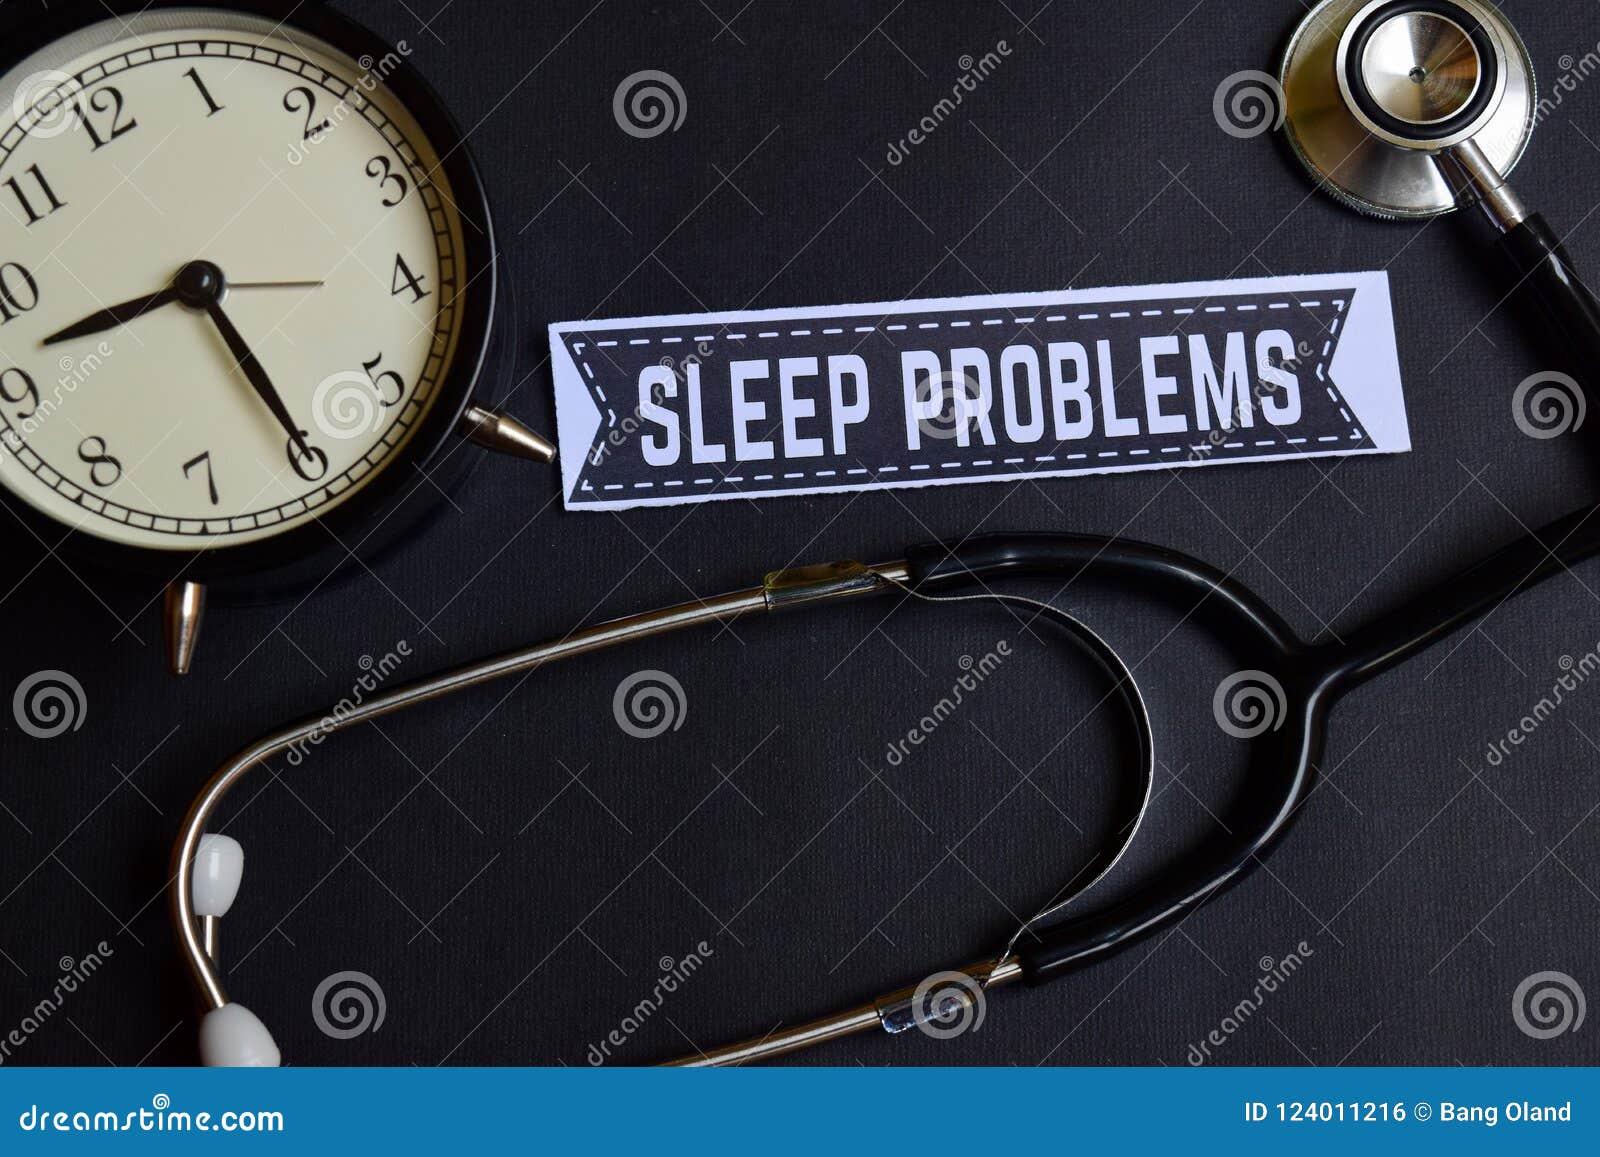 Problemas do sono no papel com inspiração do conceito dos cuidados médicos despertador, estetoscópio preto